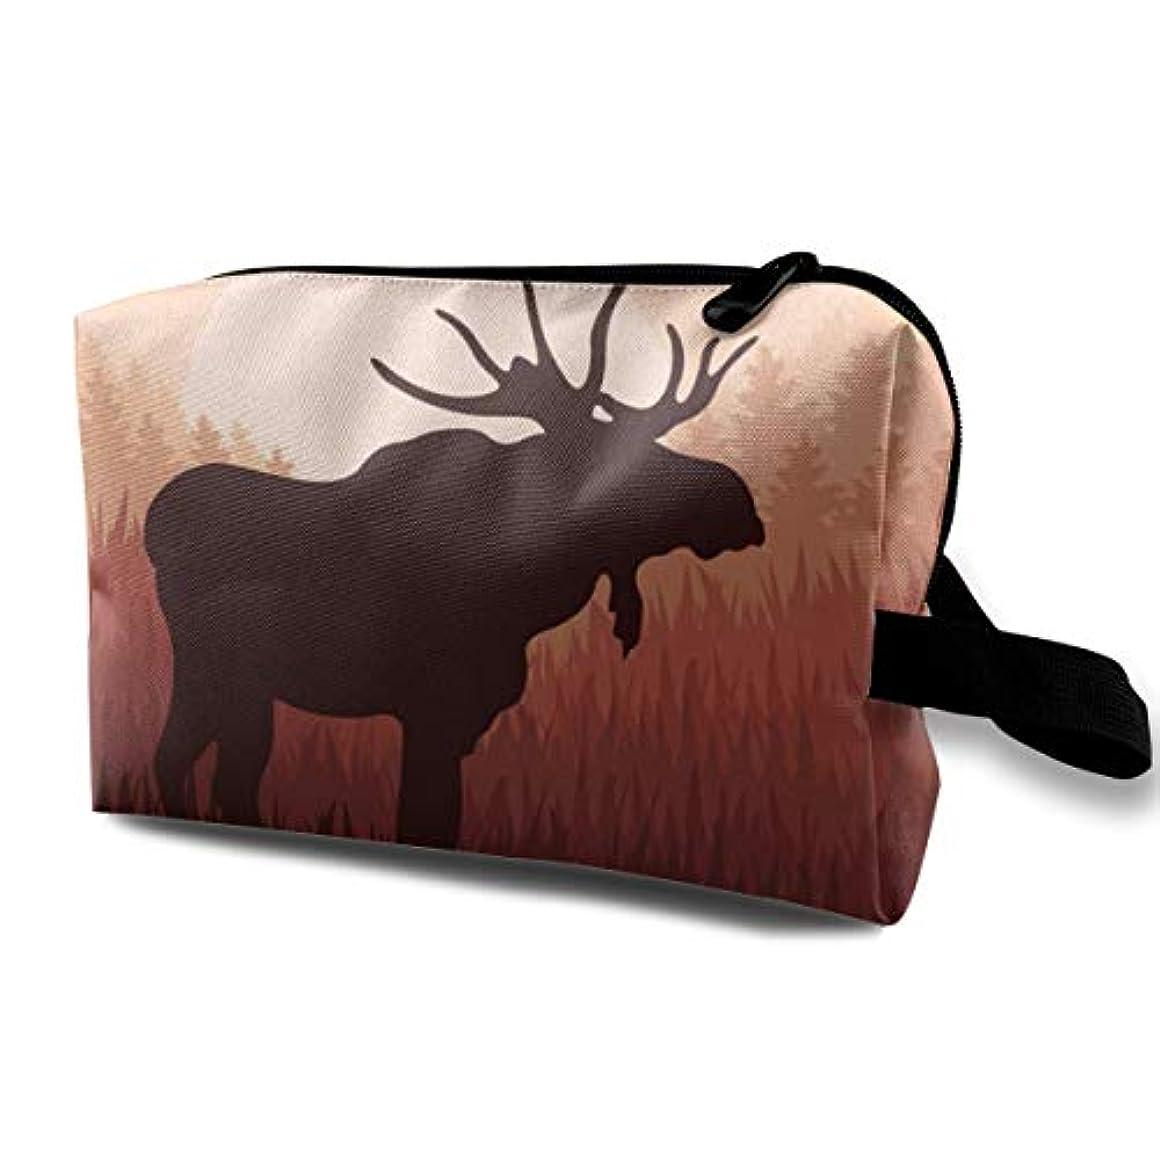 意気消沈した熟した機械的Antlers In Wild Alaska Forest 収納ポーチ 化粧ポーチ 大容量 軽量 耐久性 ハンドル付持ち運び便利。入れ 自宅?出張?旅行?アウトドア撮影などに対応。メンズ レディース トラベルグッズ